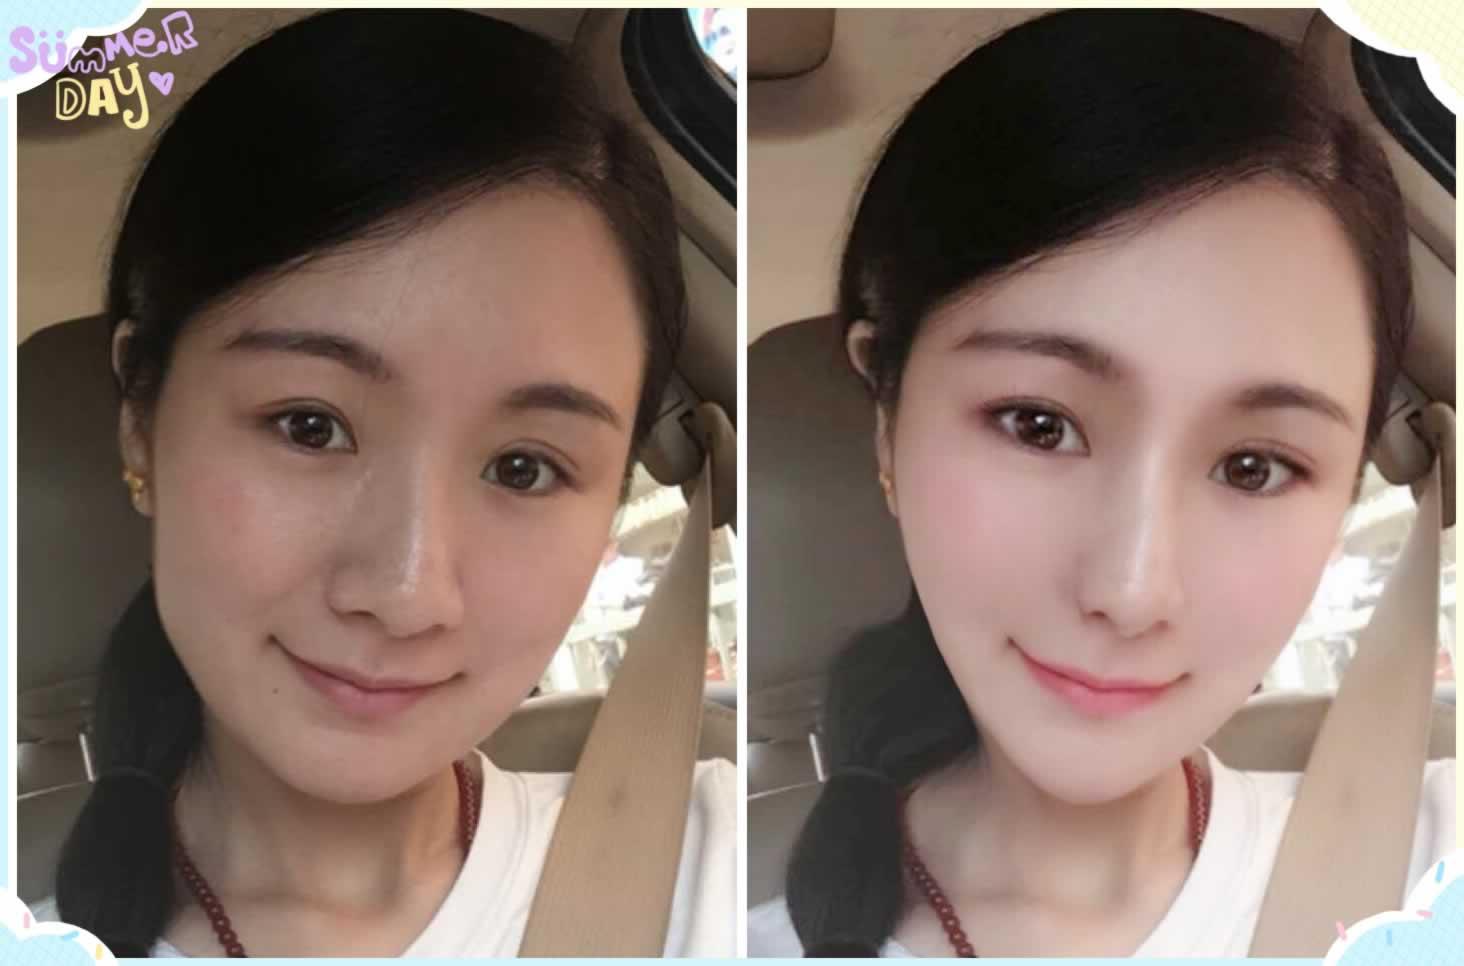 模拟瘦脸针效果图前后对比。